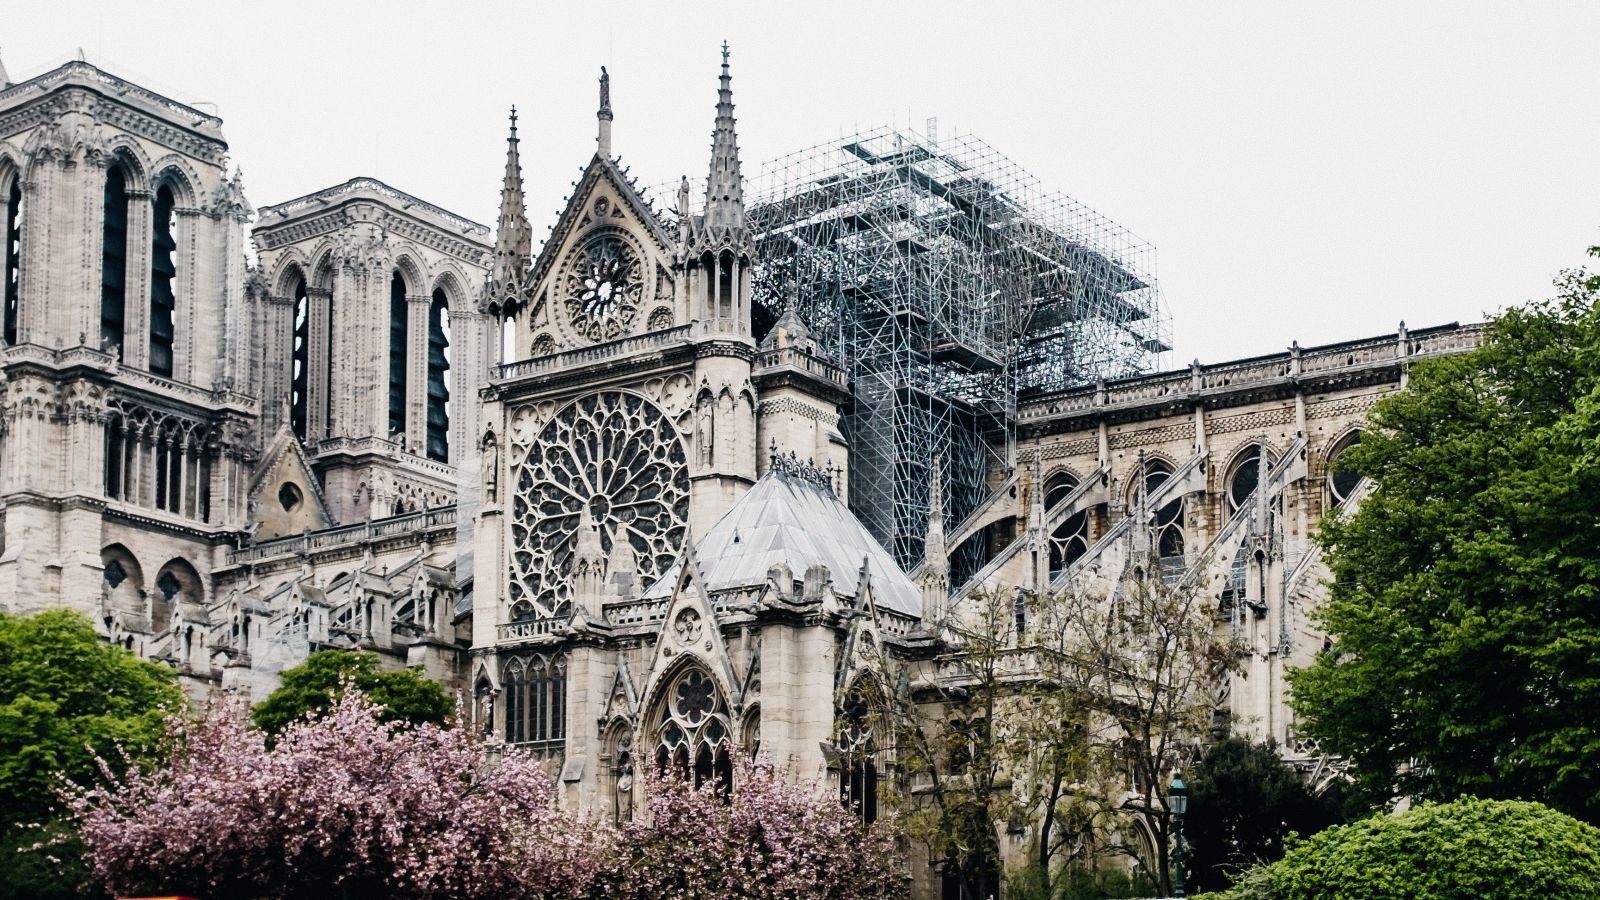 Δείτε εντυπωσιακά βίντεο από την αφαίρεση της σκαλωσιάς για την αποκατάσταση της Παναγίας των Παρισίων [vids]